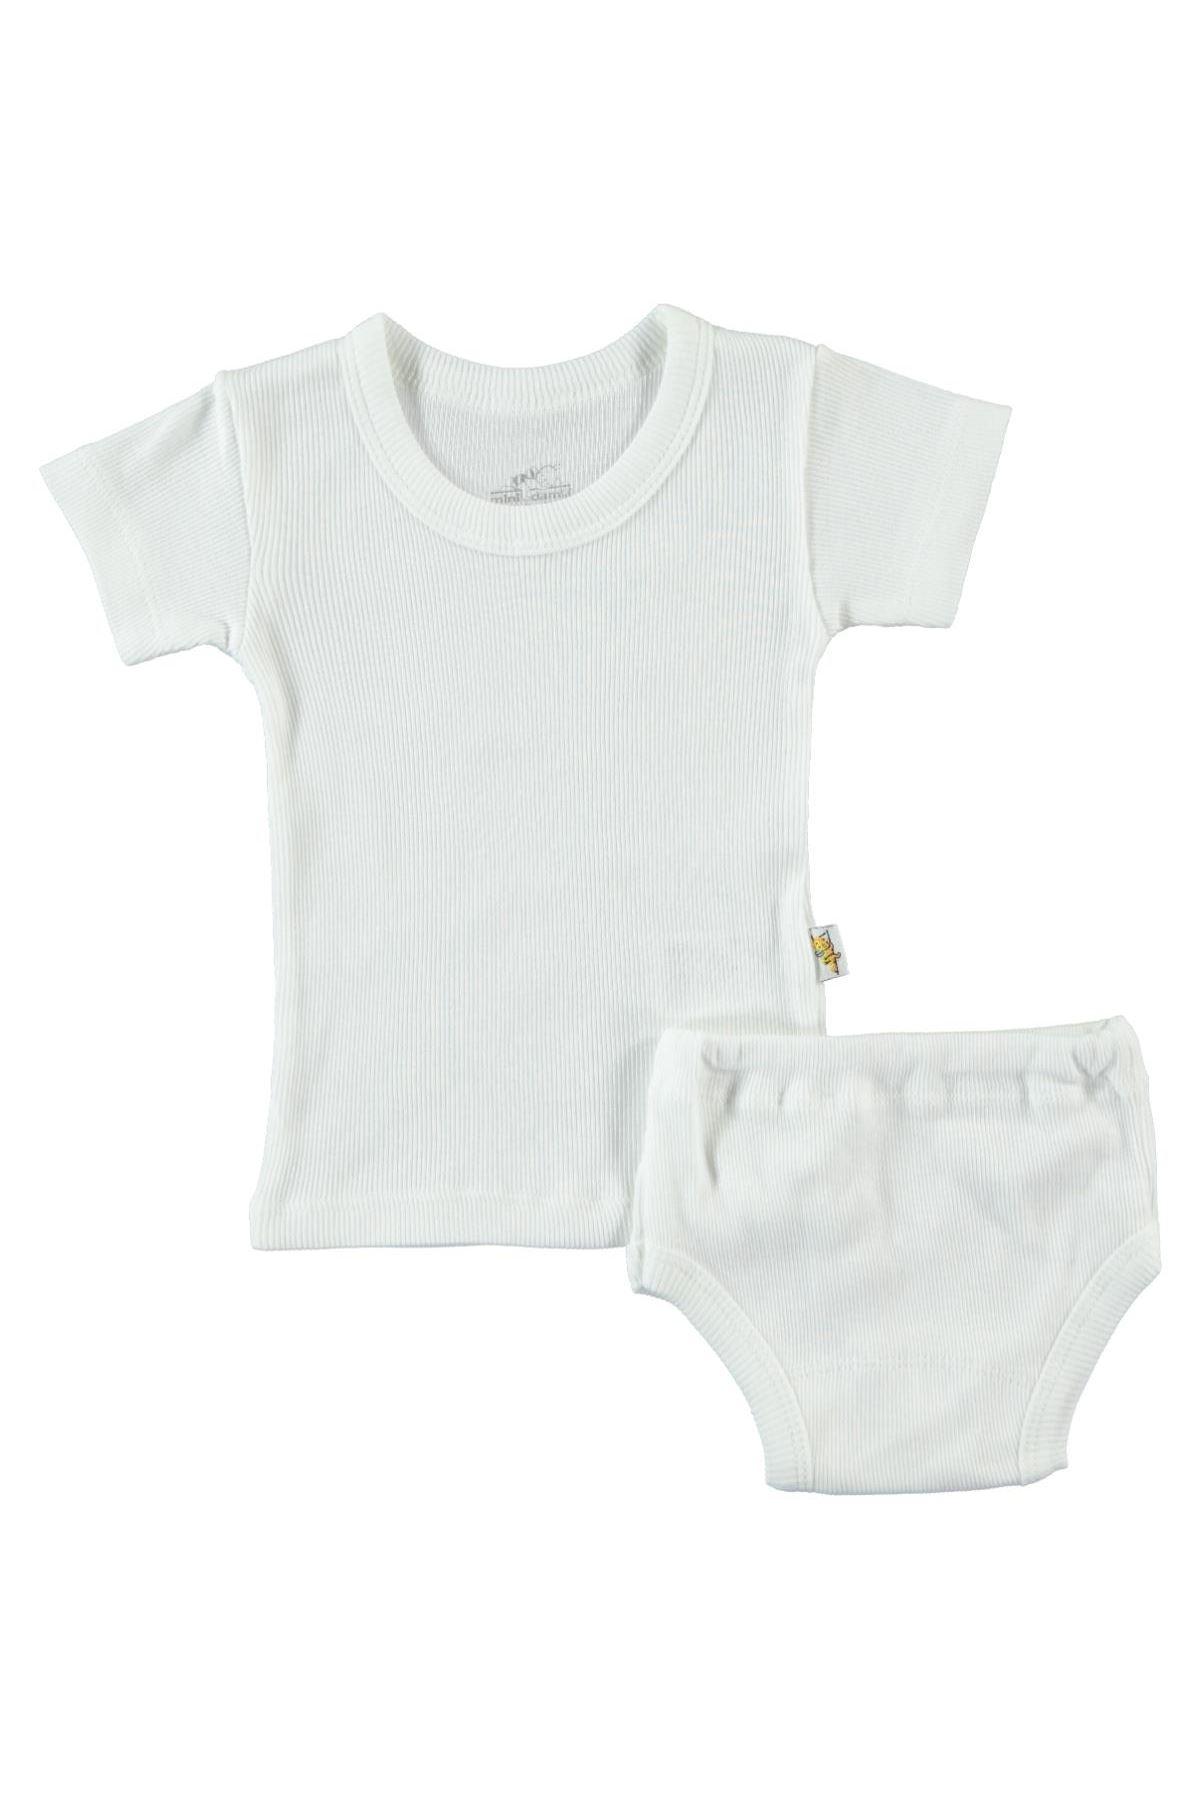 Albimini Minidamla Kaşkorse Bebe Kısa Kol Çamaşır Takımı 42769 Ekru